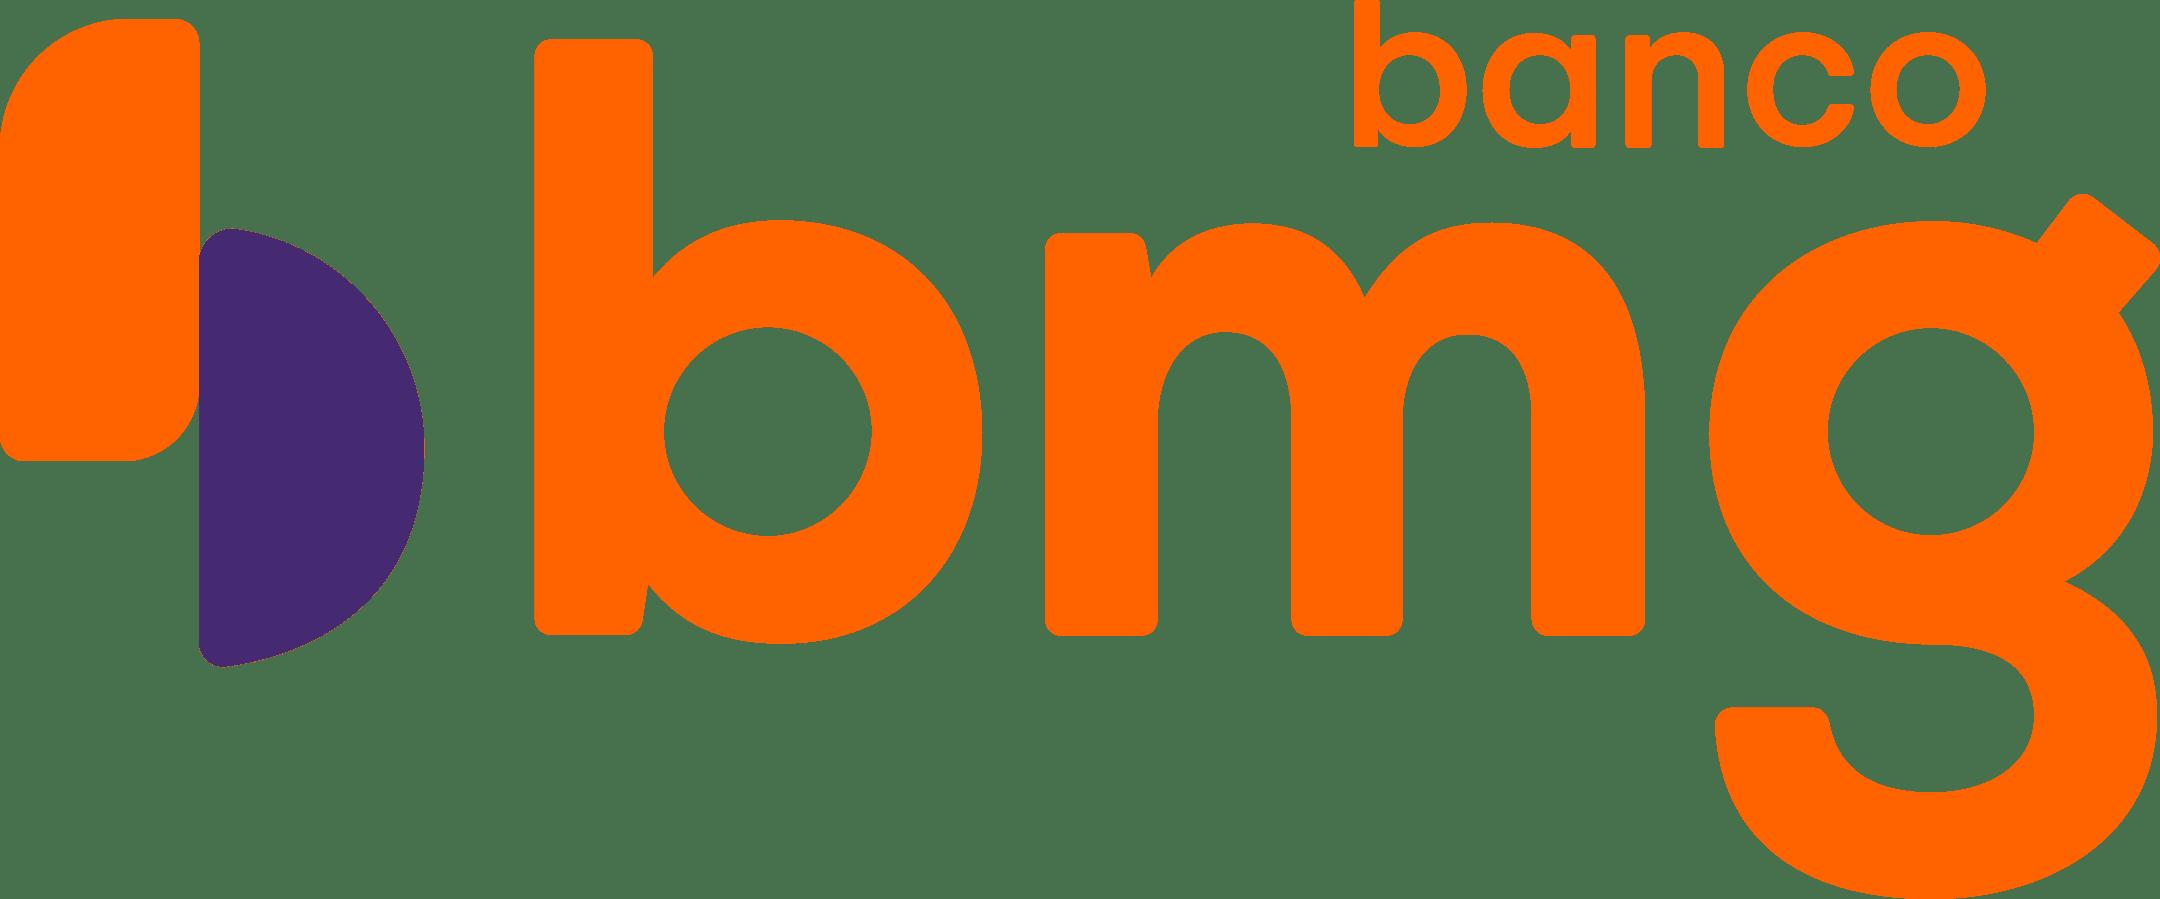 Banco BMG Conta Digital